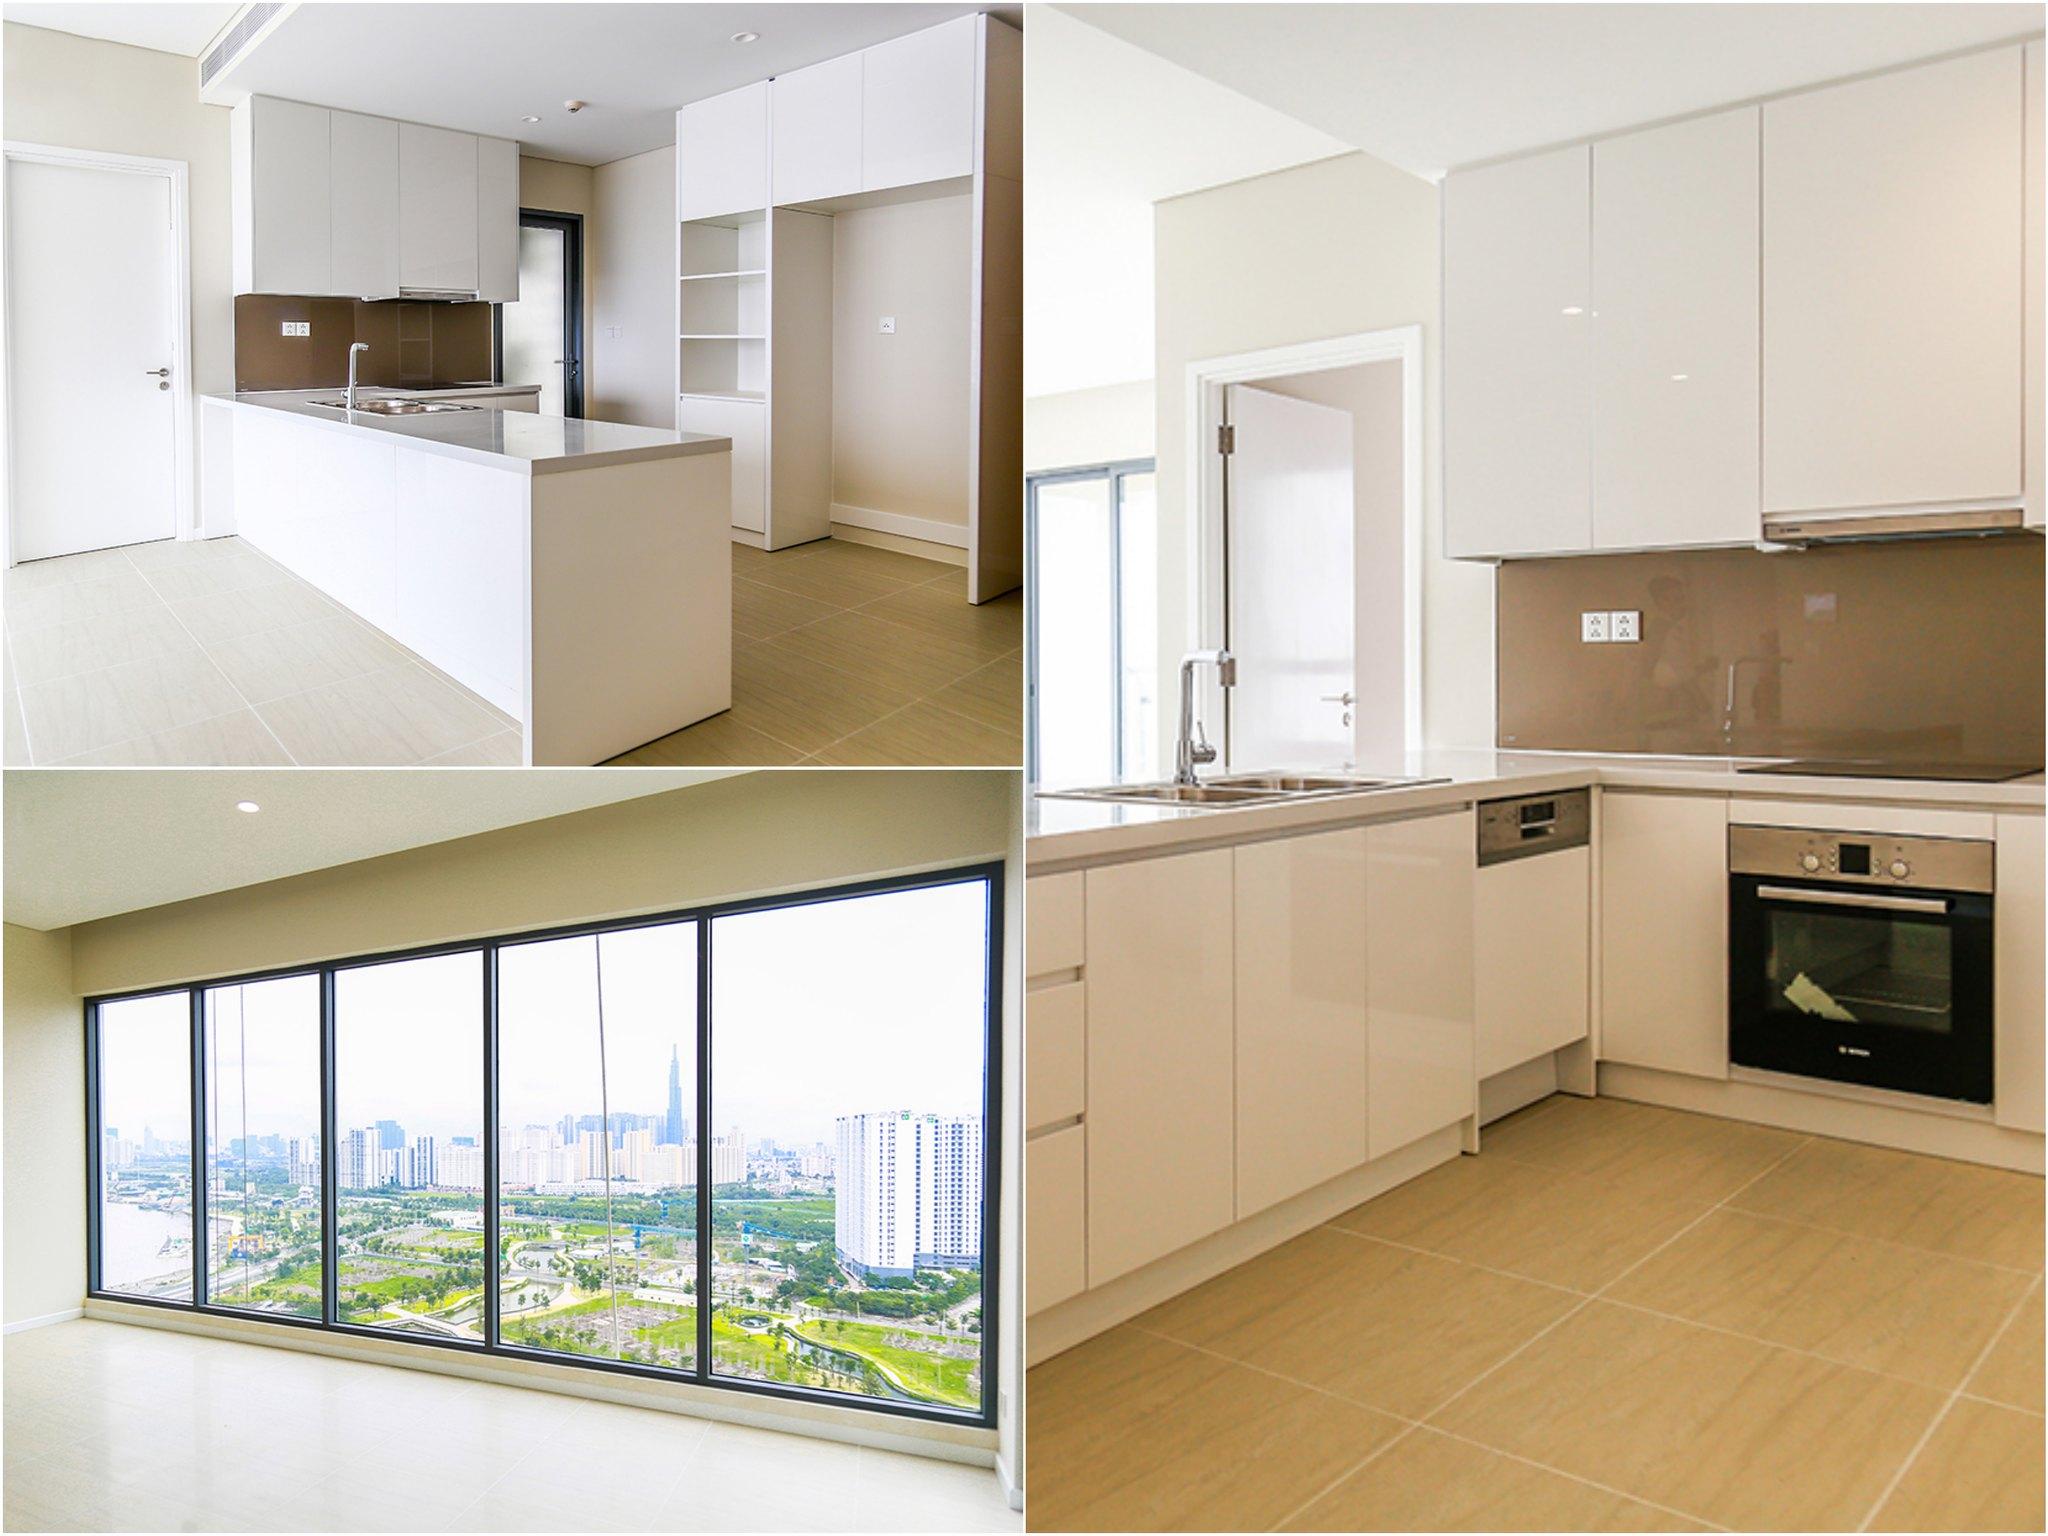 hình ảnh thực tế căn hộ tòa Bahamas được nhận bàn giao từ chủ đầu tư: Bao gồm hoàn thiện sàn, trần, đèn chiếu sáng, máy lạnh, bếp, tủ bếp, lò nướng, máy rửa chén,.....